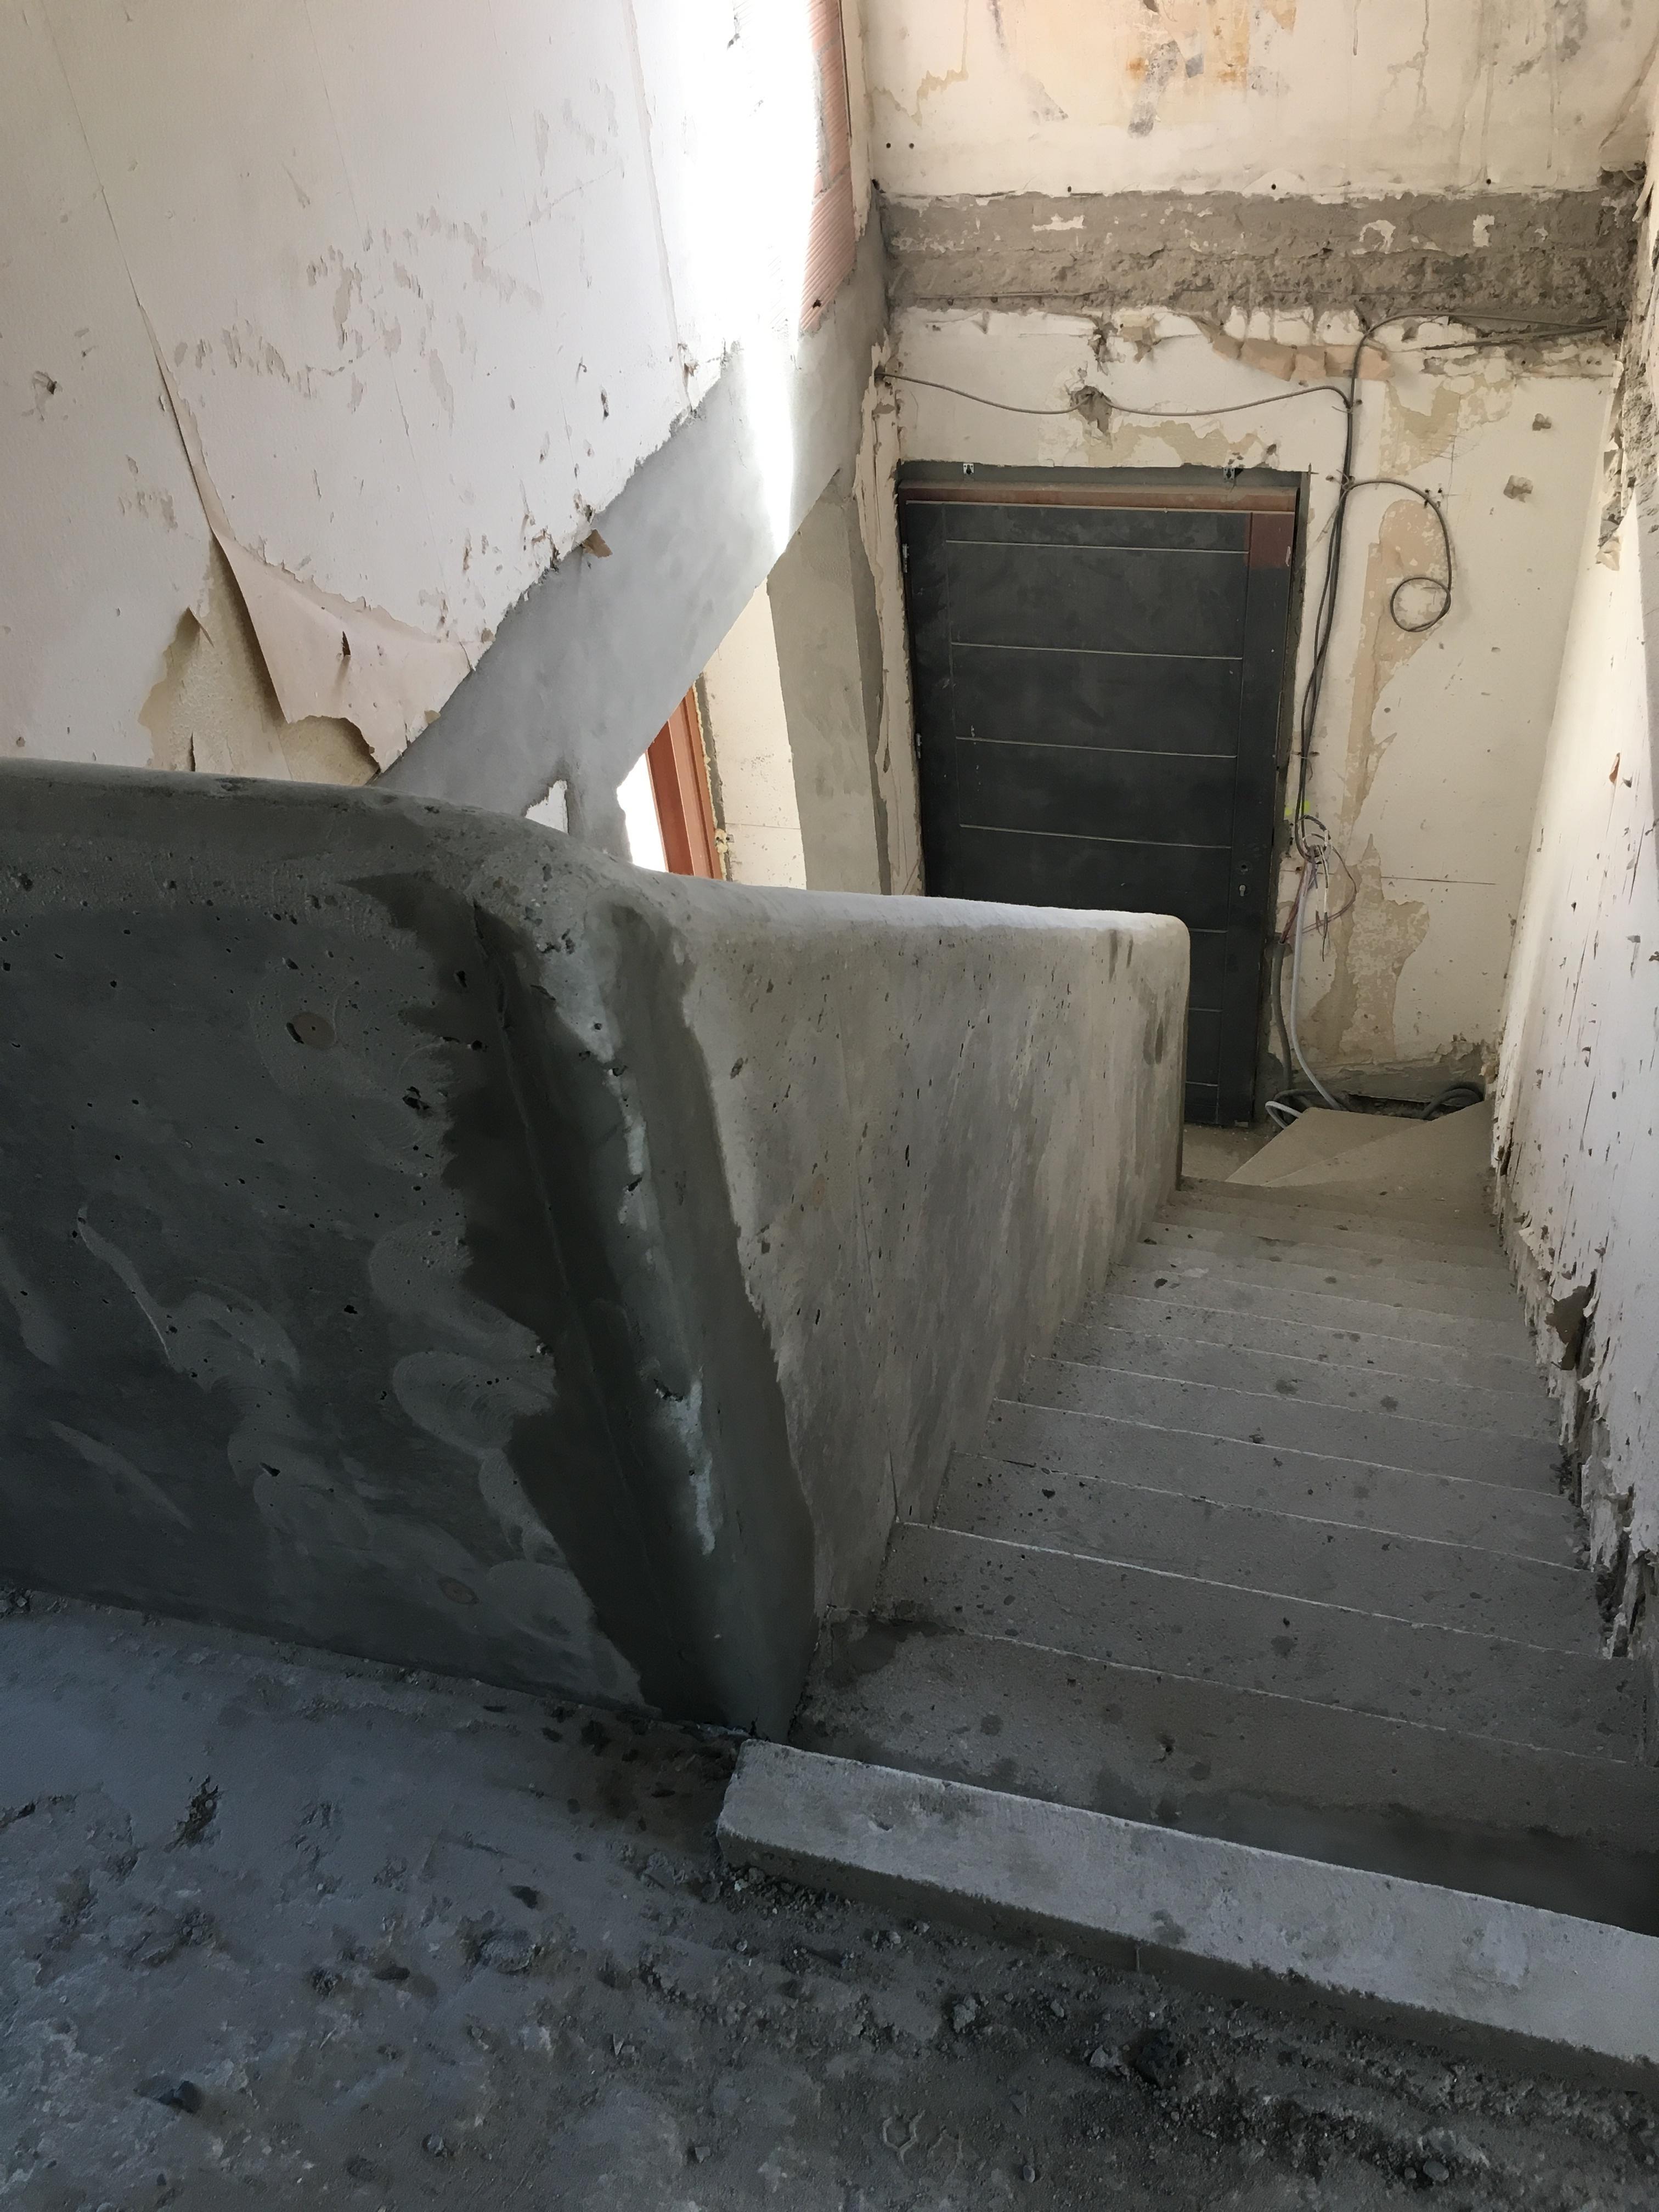 Descente de l'escalier béton et de son garde corps dans une maison en rénovation